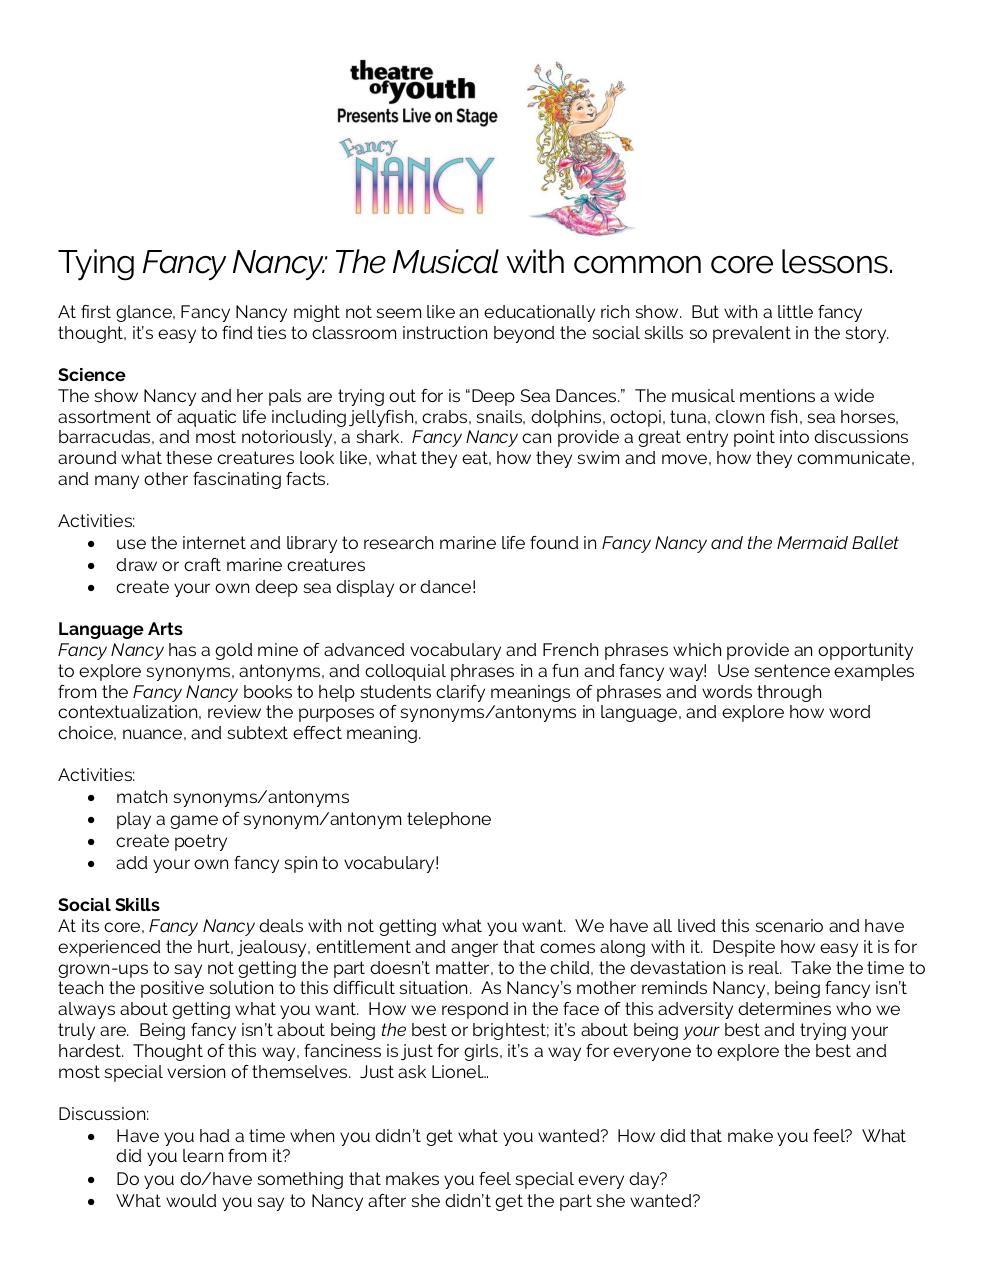 Fancy Nancy Education by Kevin Leary - PDF Archive